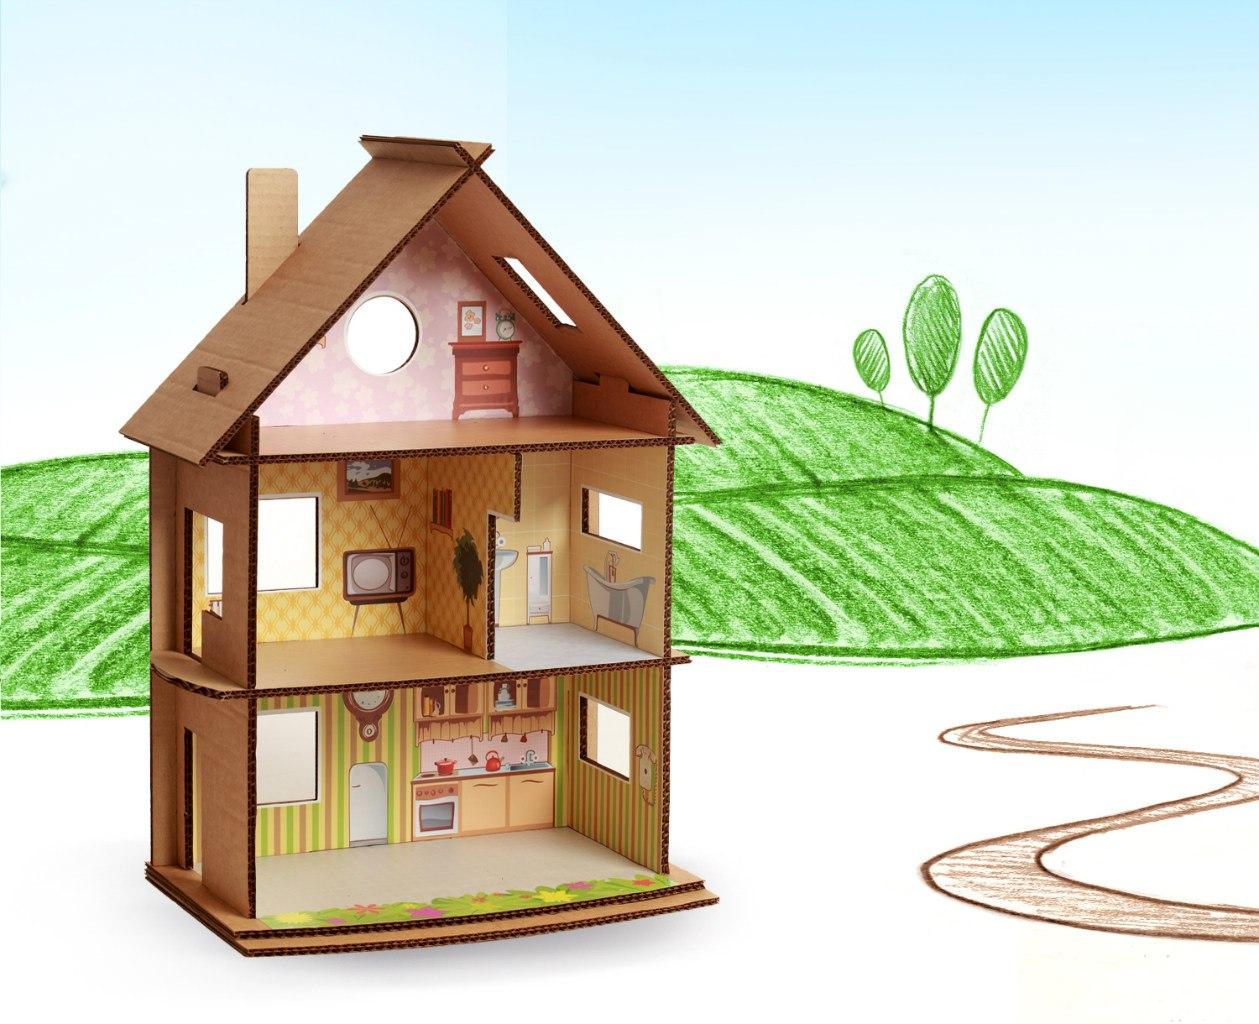 Сделать кукольный домик из картона своими руками